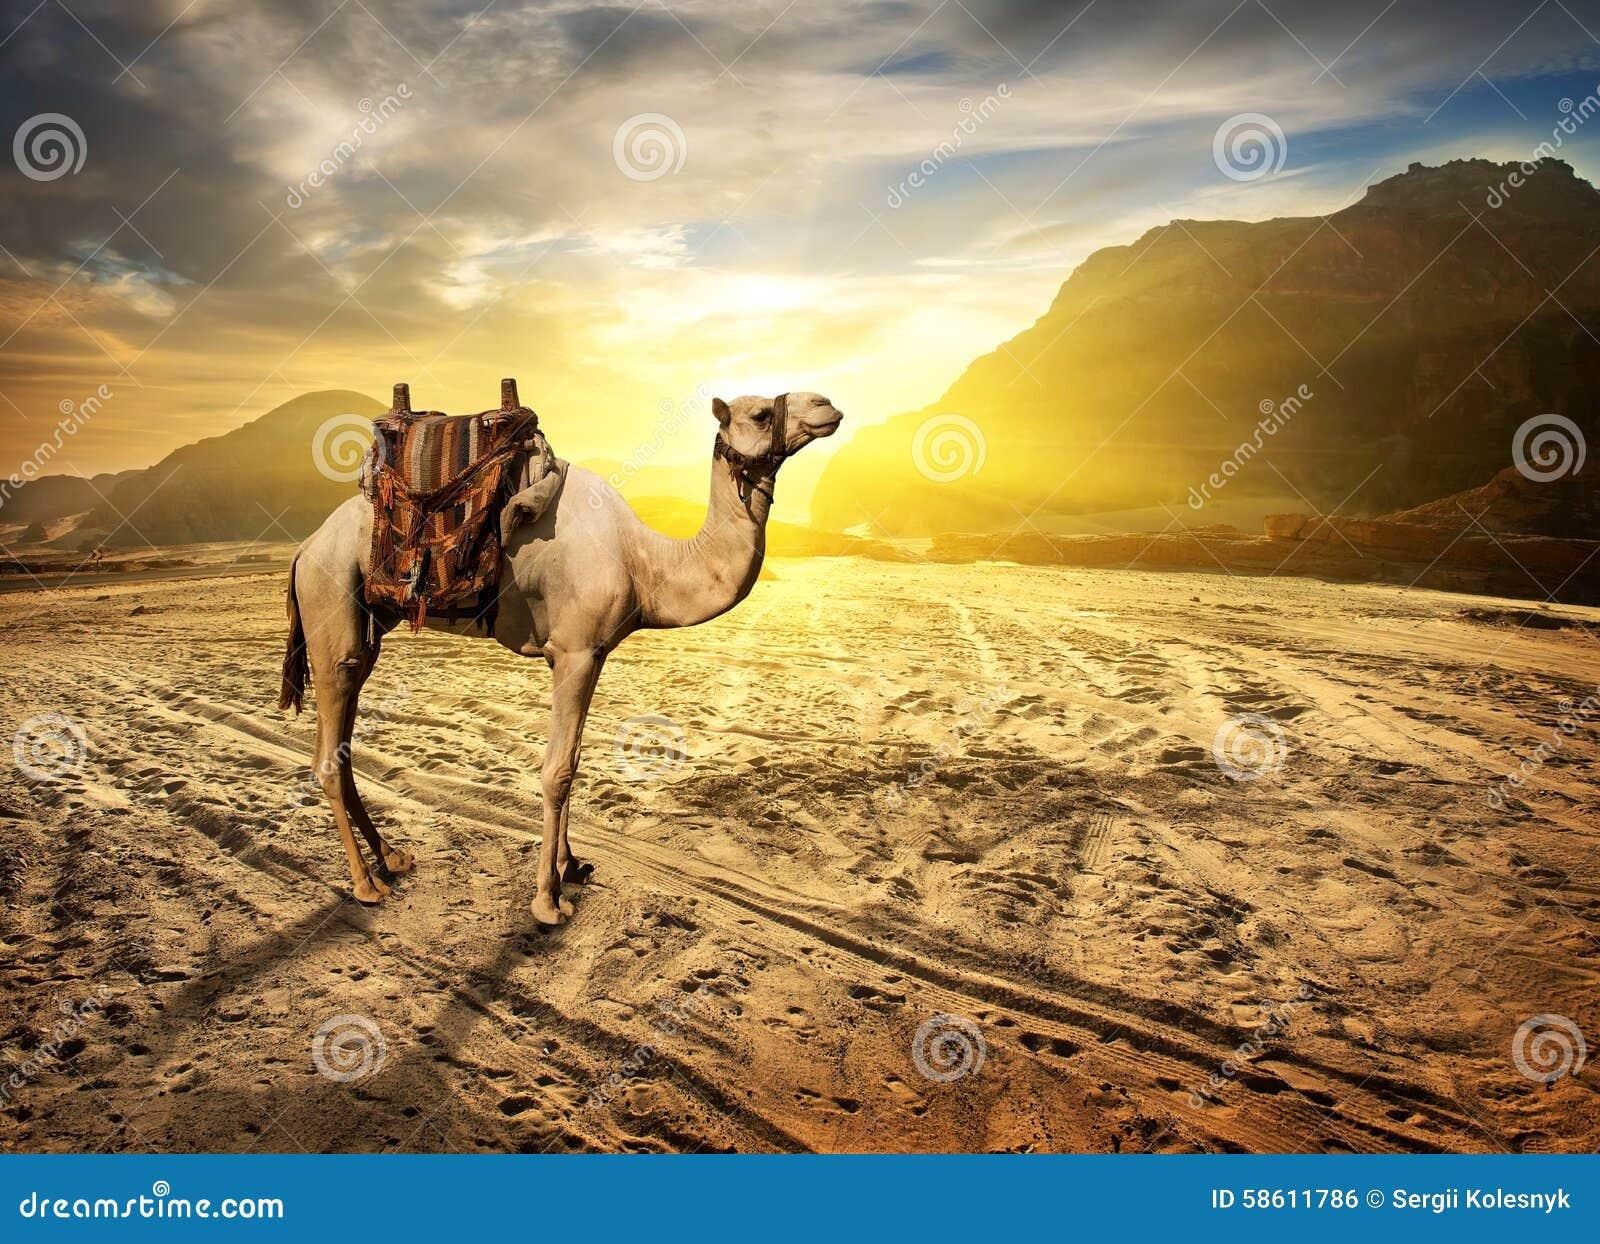 Kameel in woestijn